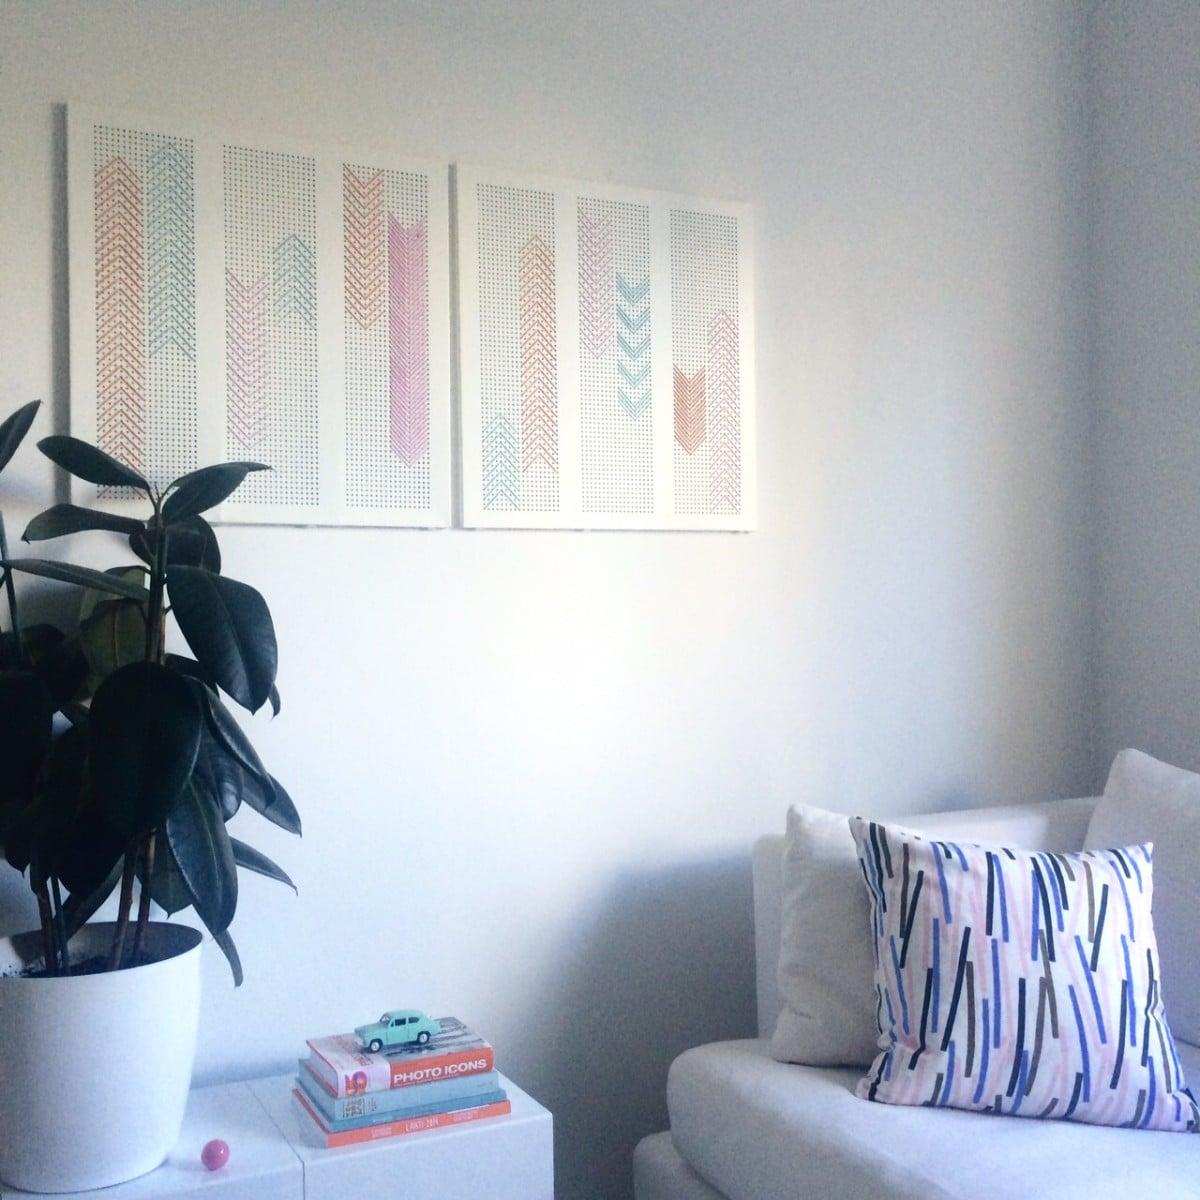 Broken Algot Shelf To Wall Art For Living Room Ikea Hackers